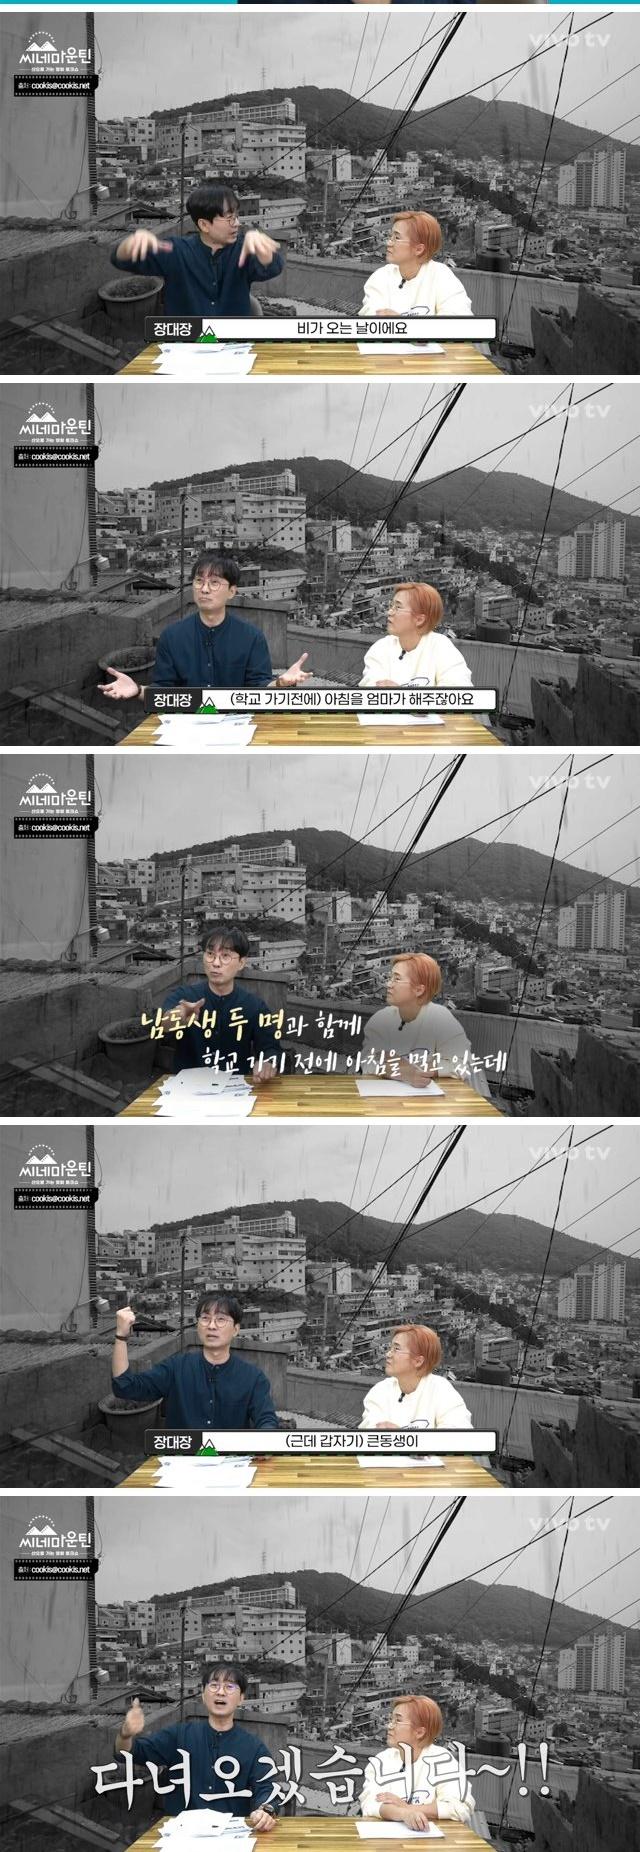 장항준 감독의 지인 작가 이야기 - 꾸르